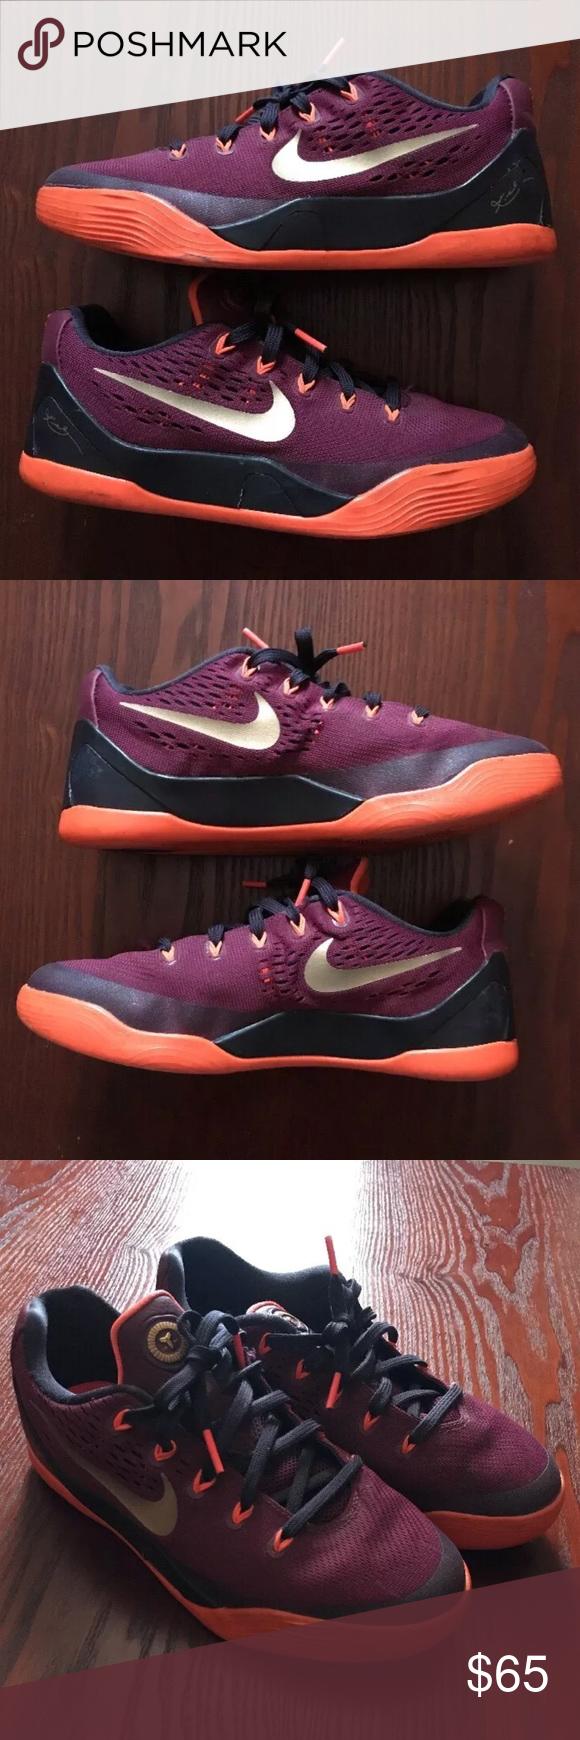 NIke Kobe Bryant IX 9 Size 6Y